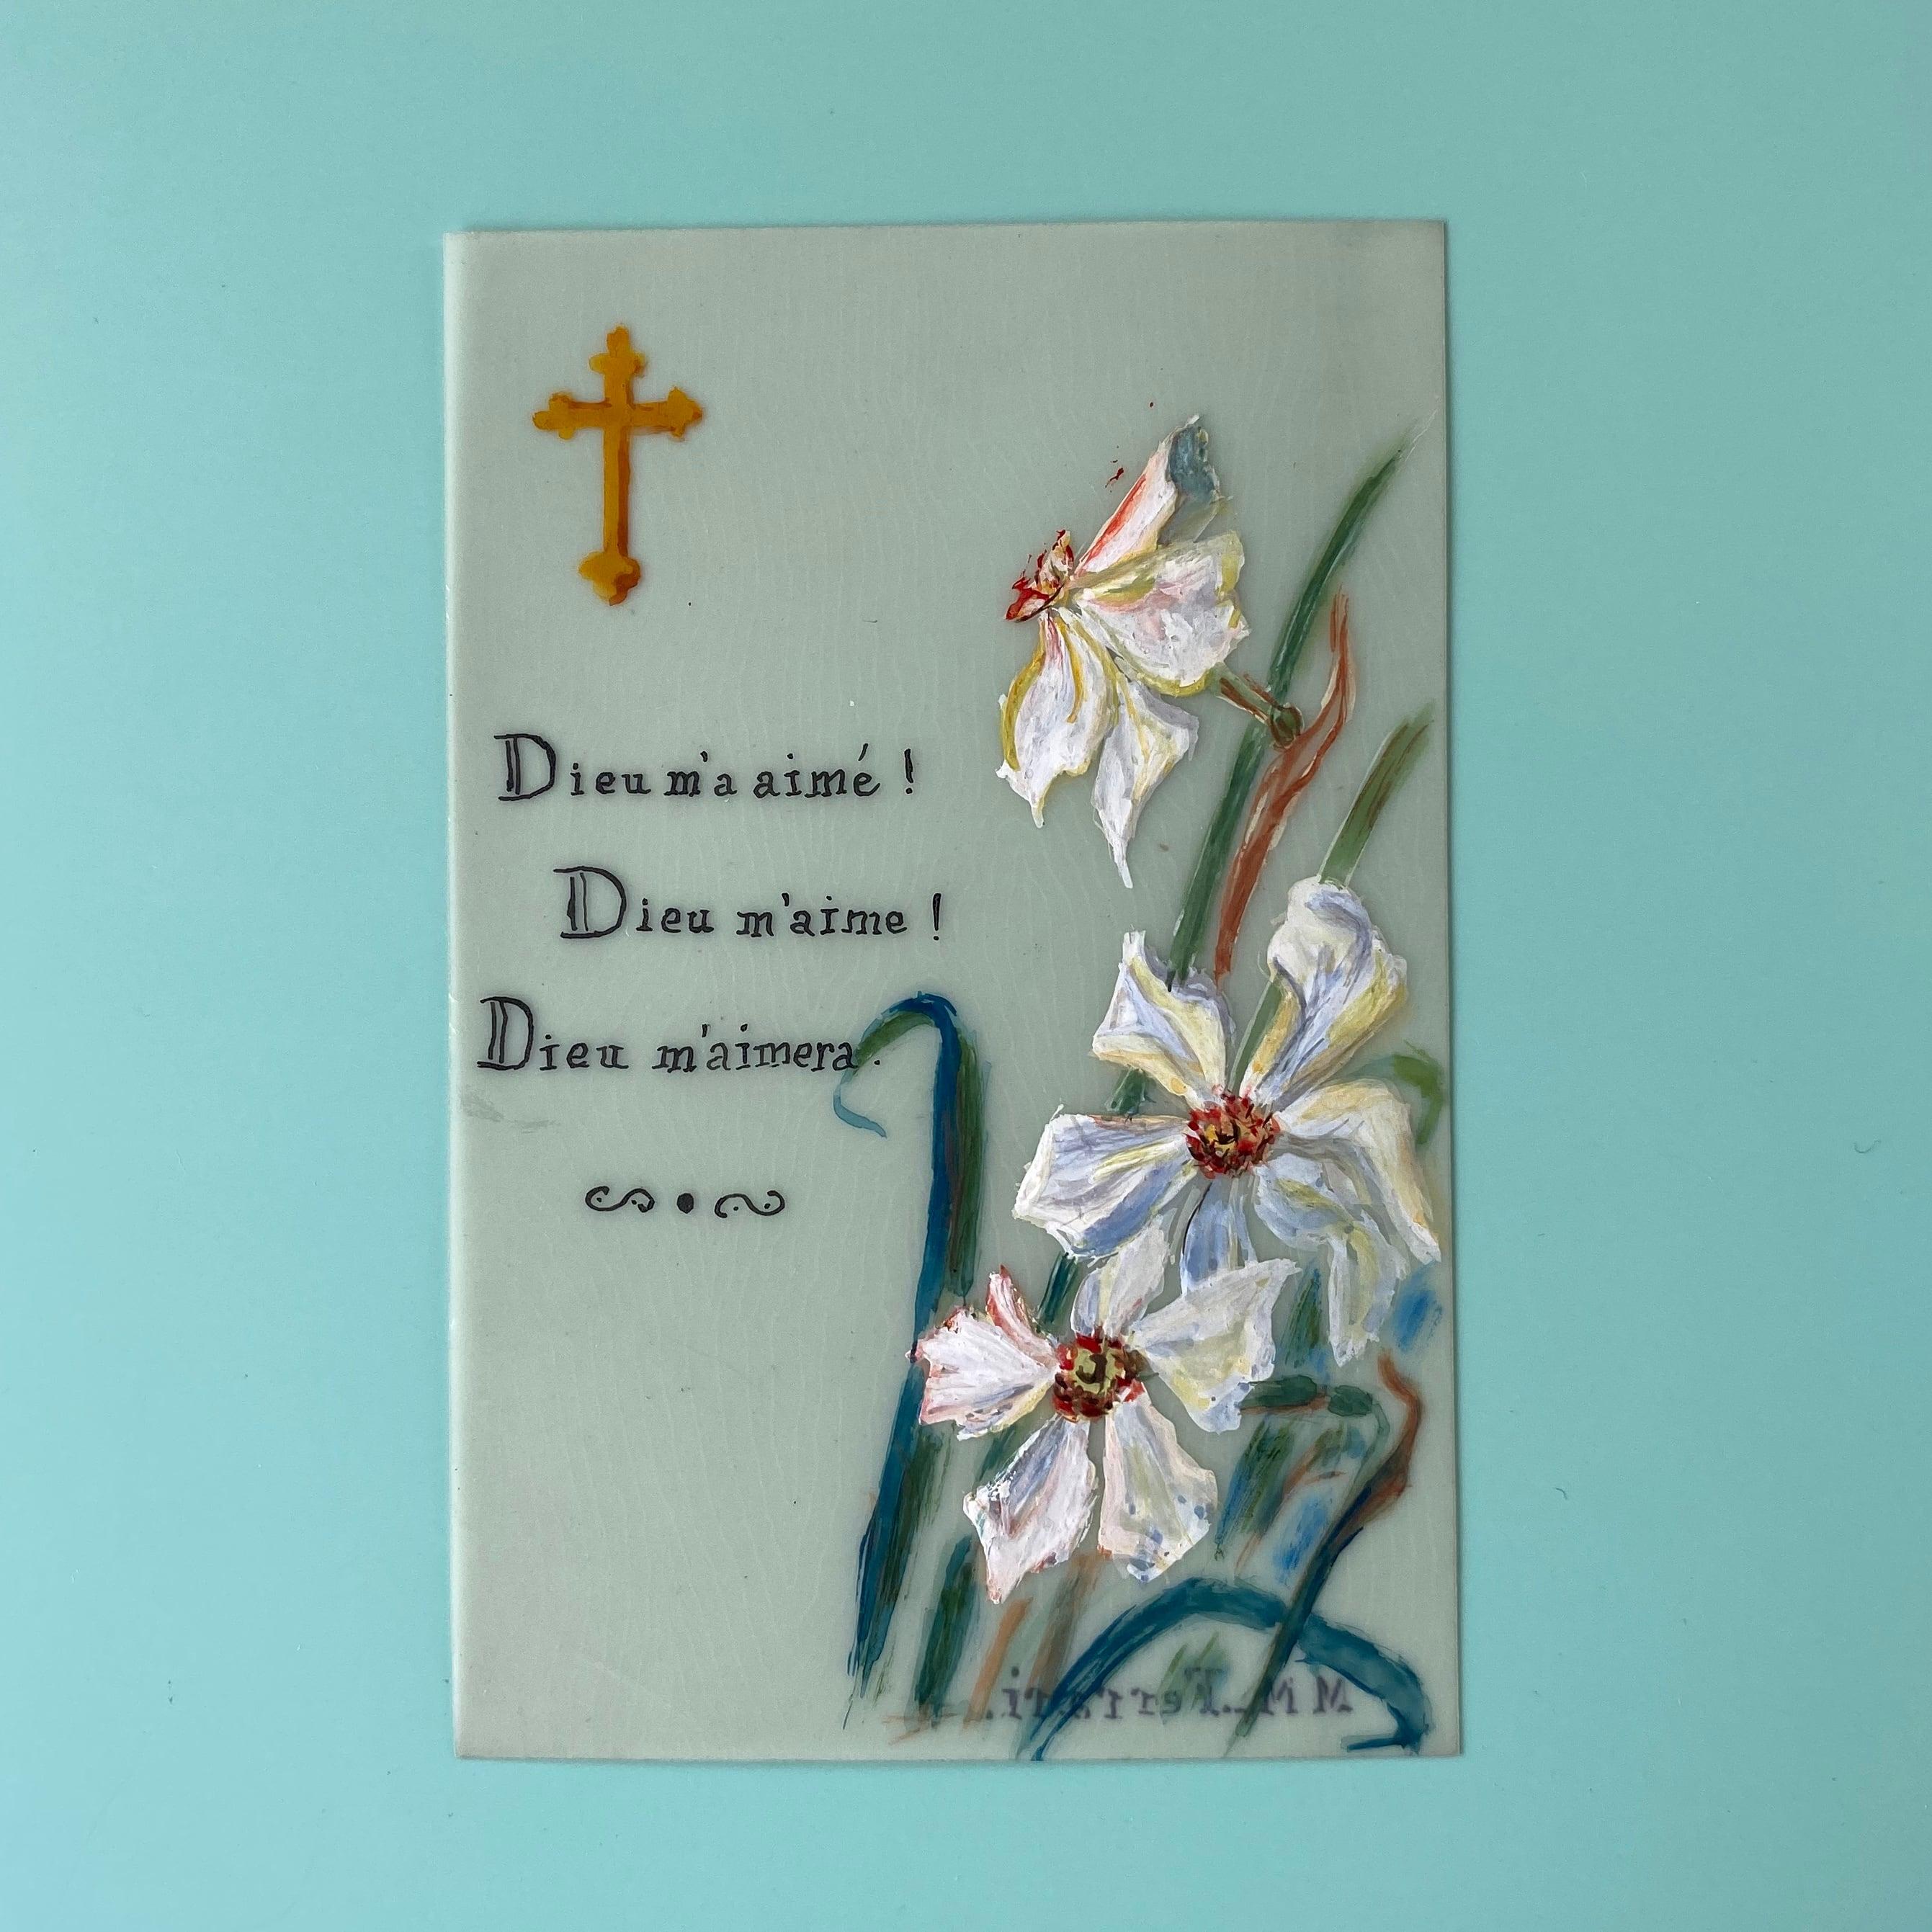 セルロイド・ホーリーカード CELLULOID HOLY CARD / vp0135